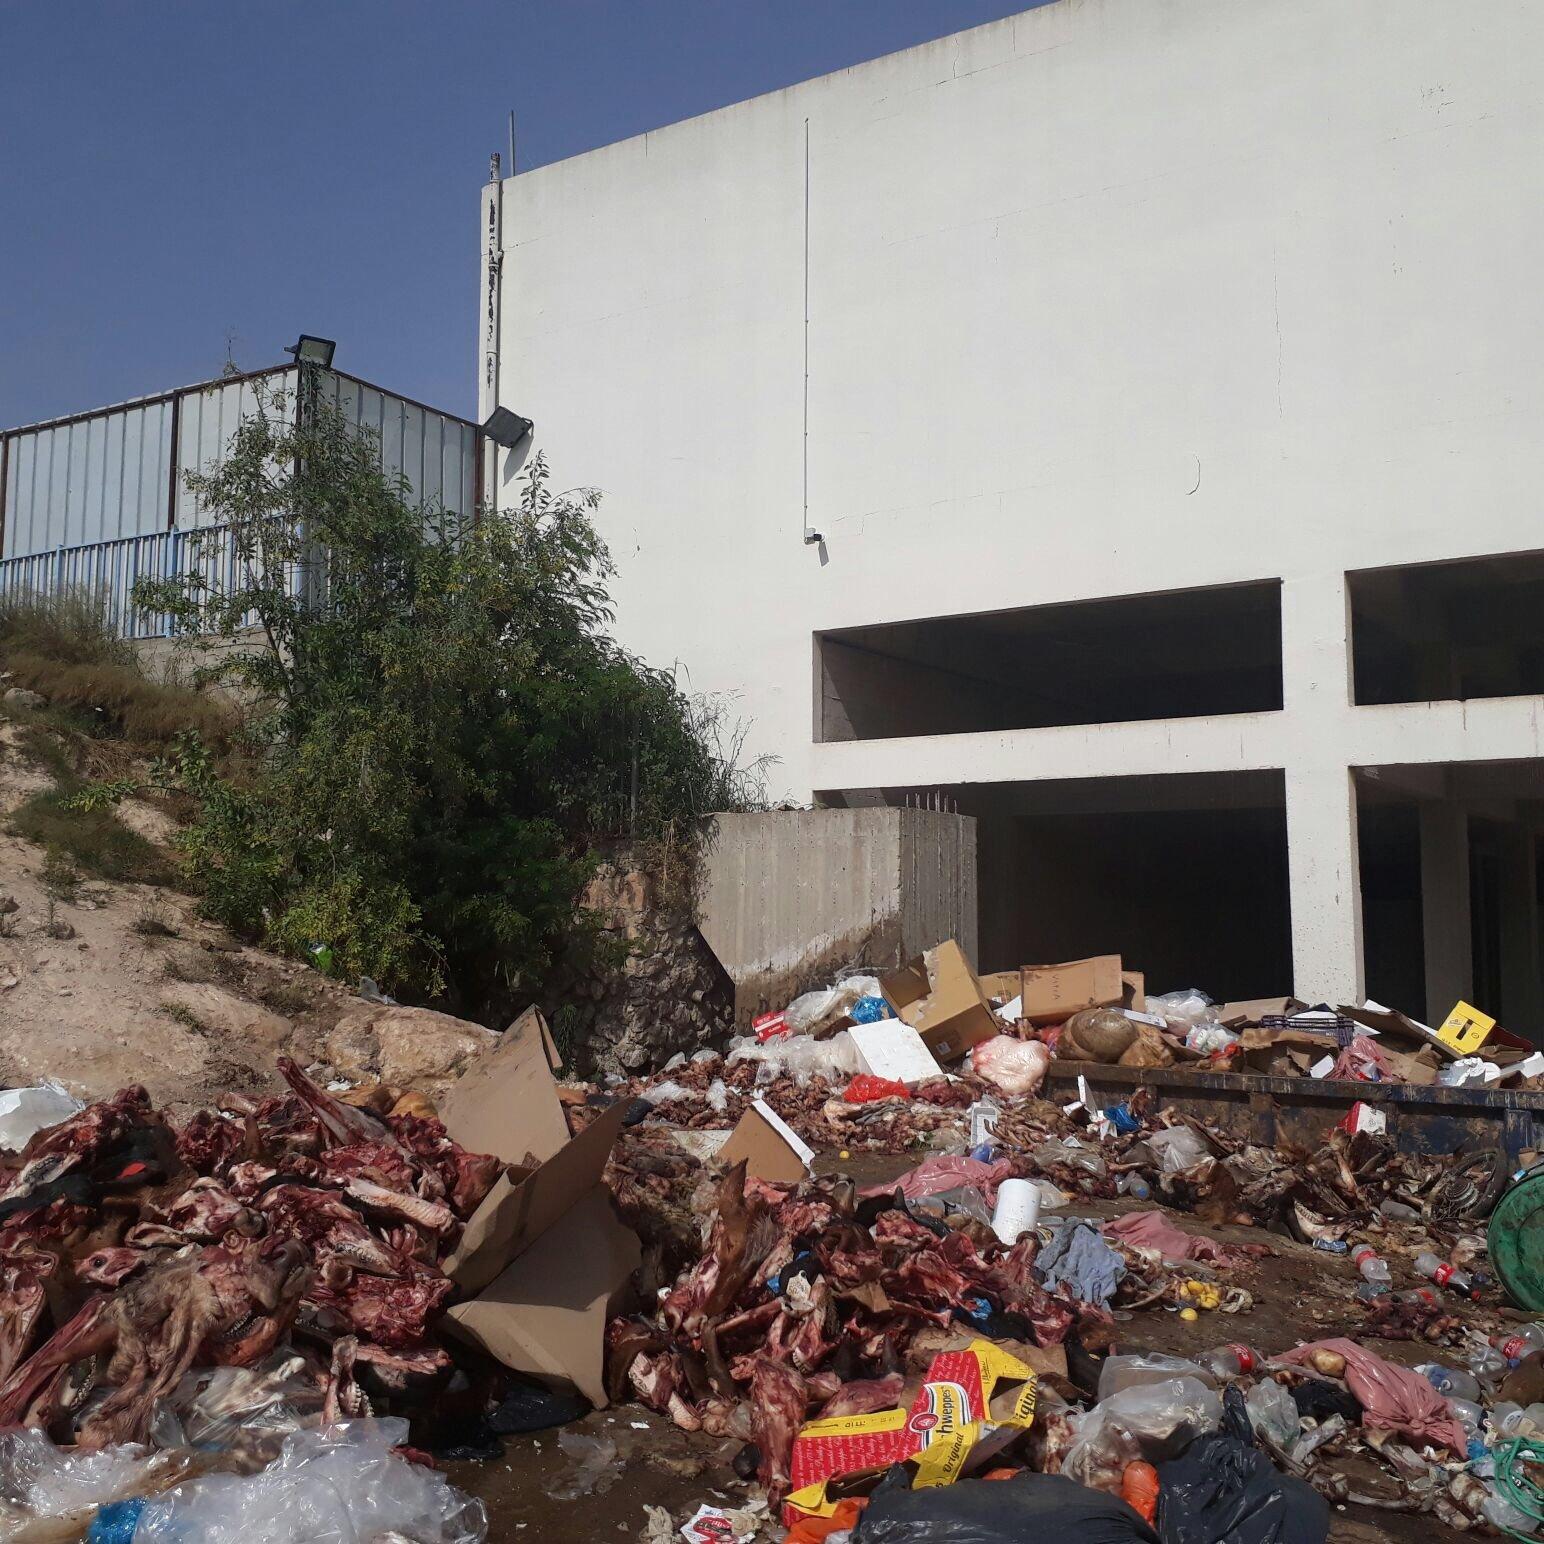 المركزيّة بحيفا تصدر قرارا يلزم بلدية شفاعمرو بتنظيف النفايات المتراكمة بجنب المسلخ البلدي